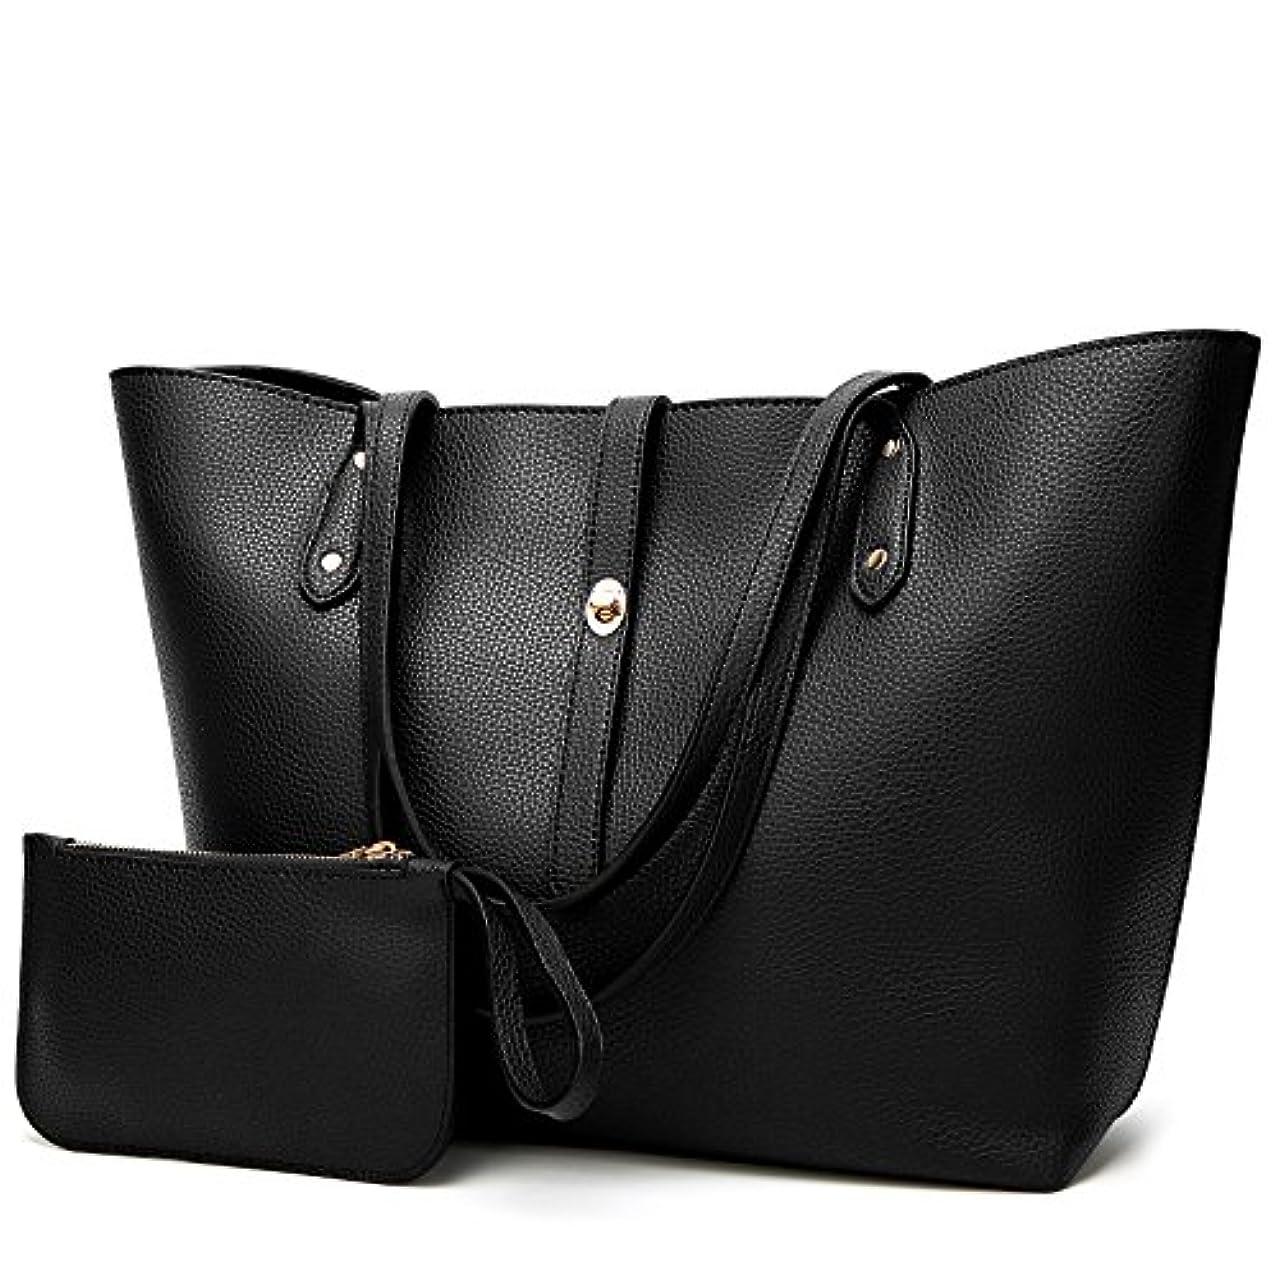 流す脅迫雄弁[TcIFE] ハンドバッグ レディース トートバッグ 大容量 無地 ショルダーバッグ 2way 財布とハンドバッグ